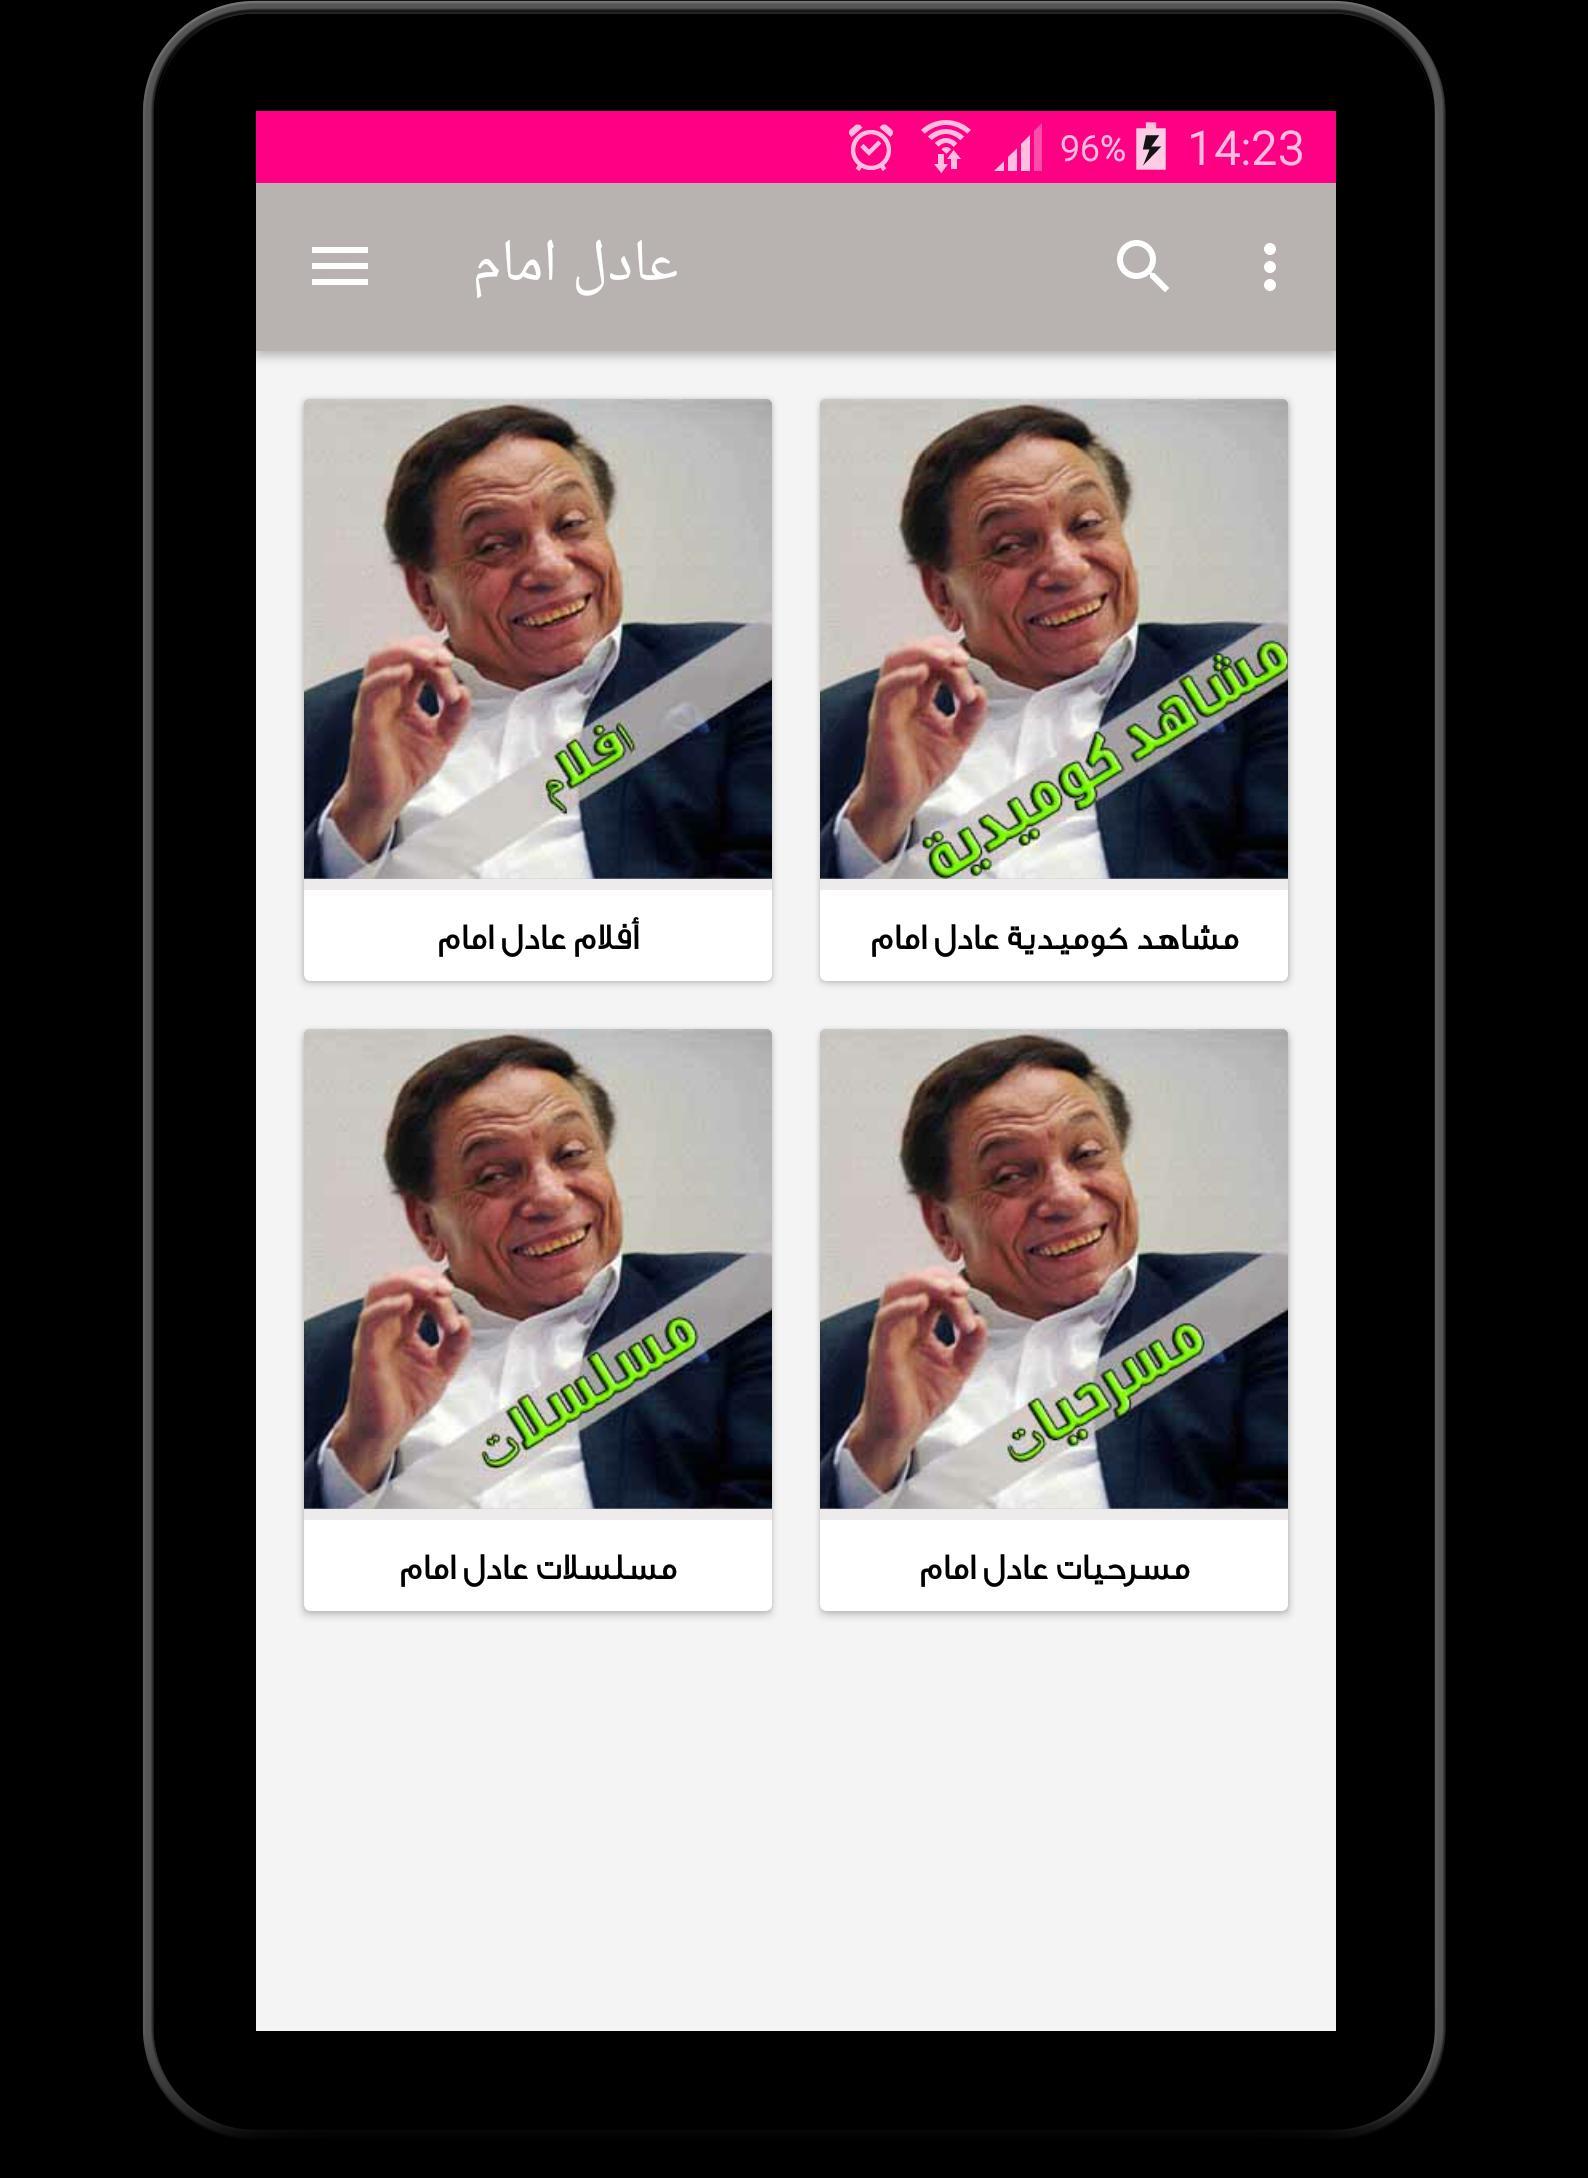 اجمل مشاهد عادل امام Adel Imam For Android Apk Download